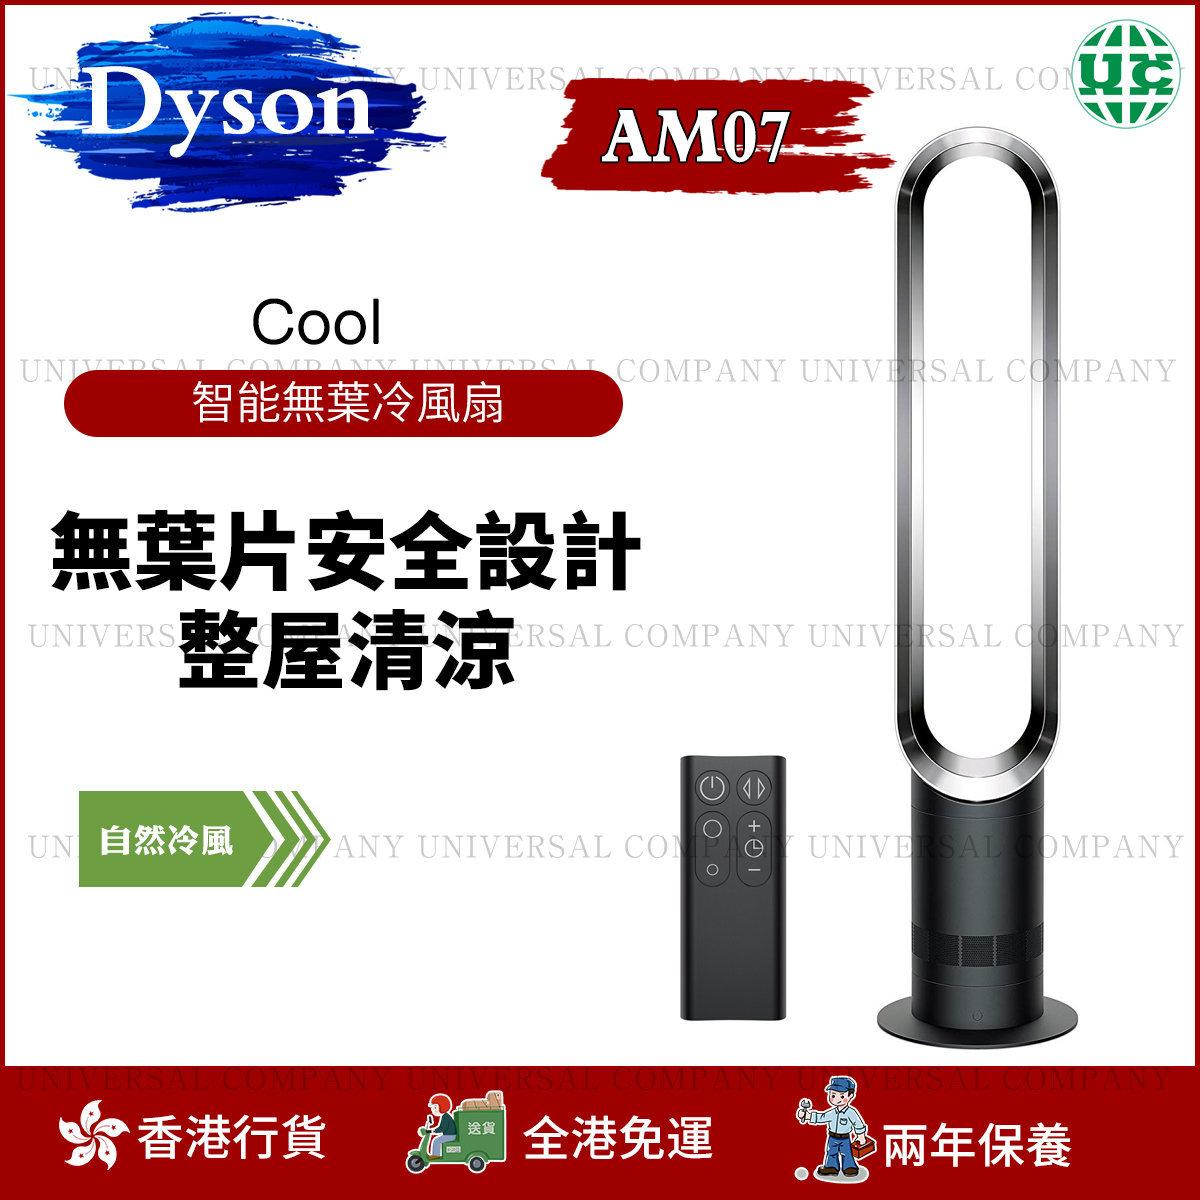 直立扇/無葉扇 風扇 AM07 黑鋼色 (香港行貨)